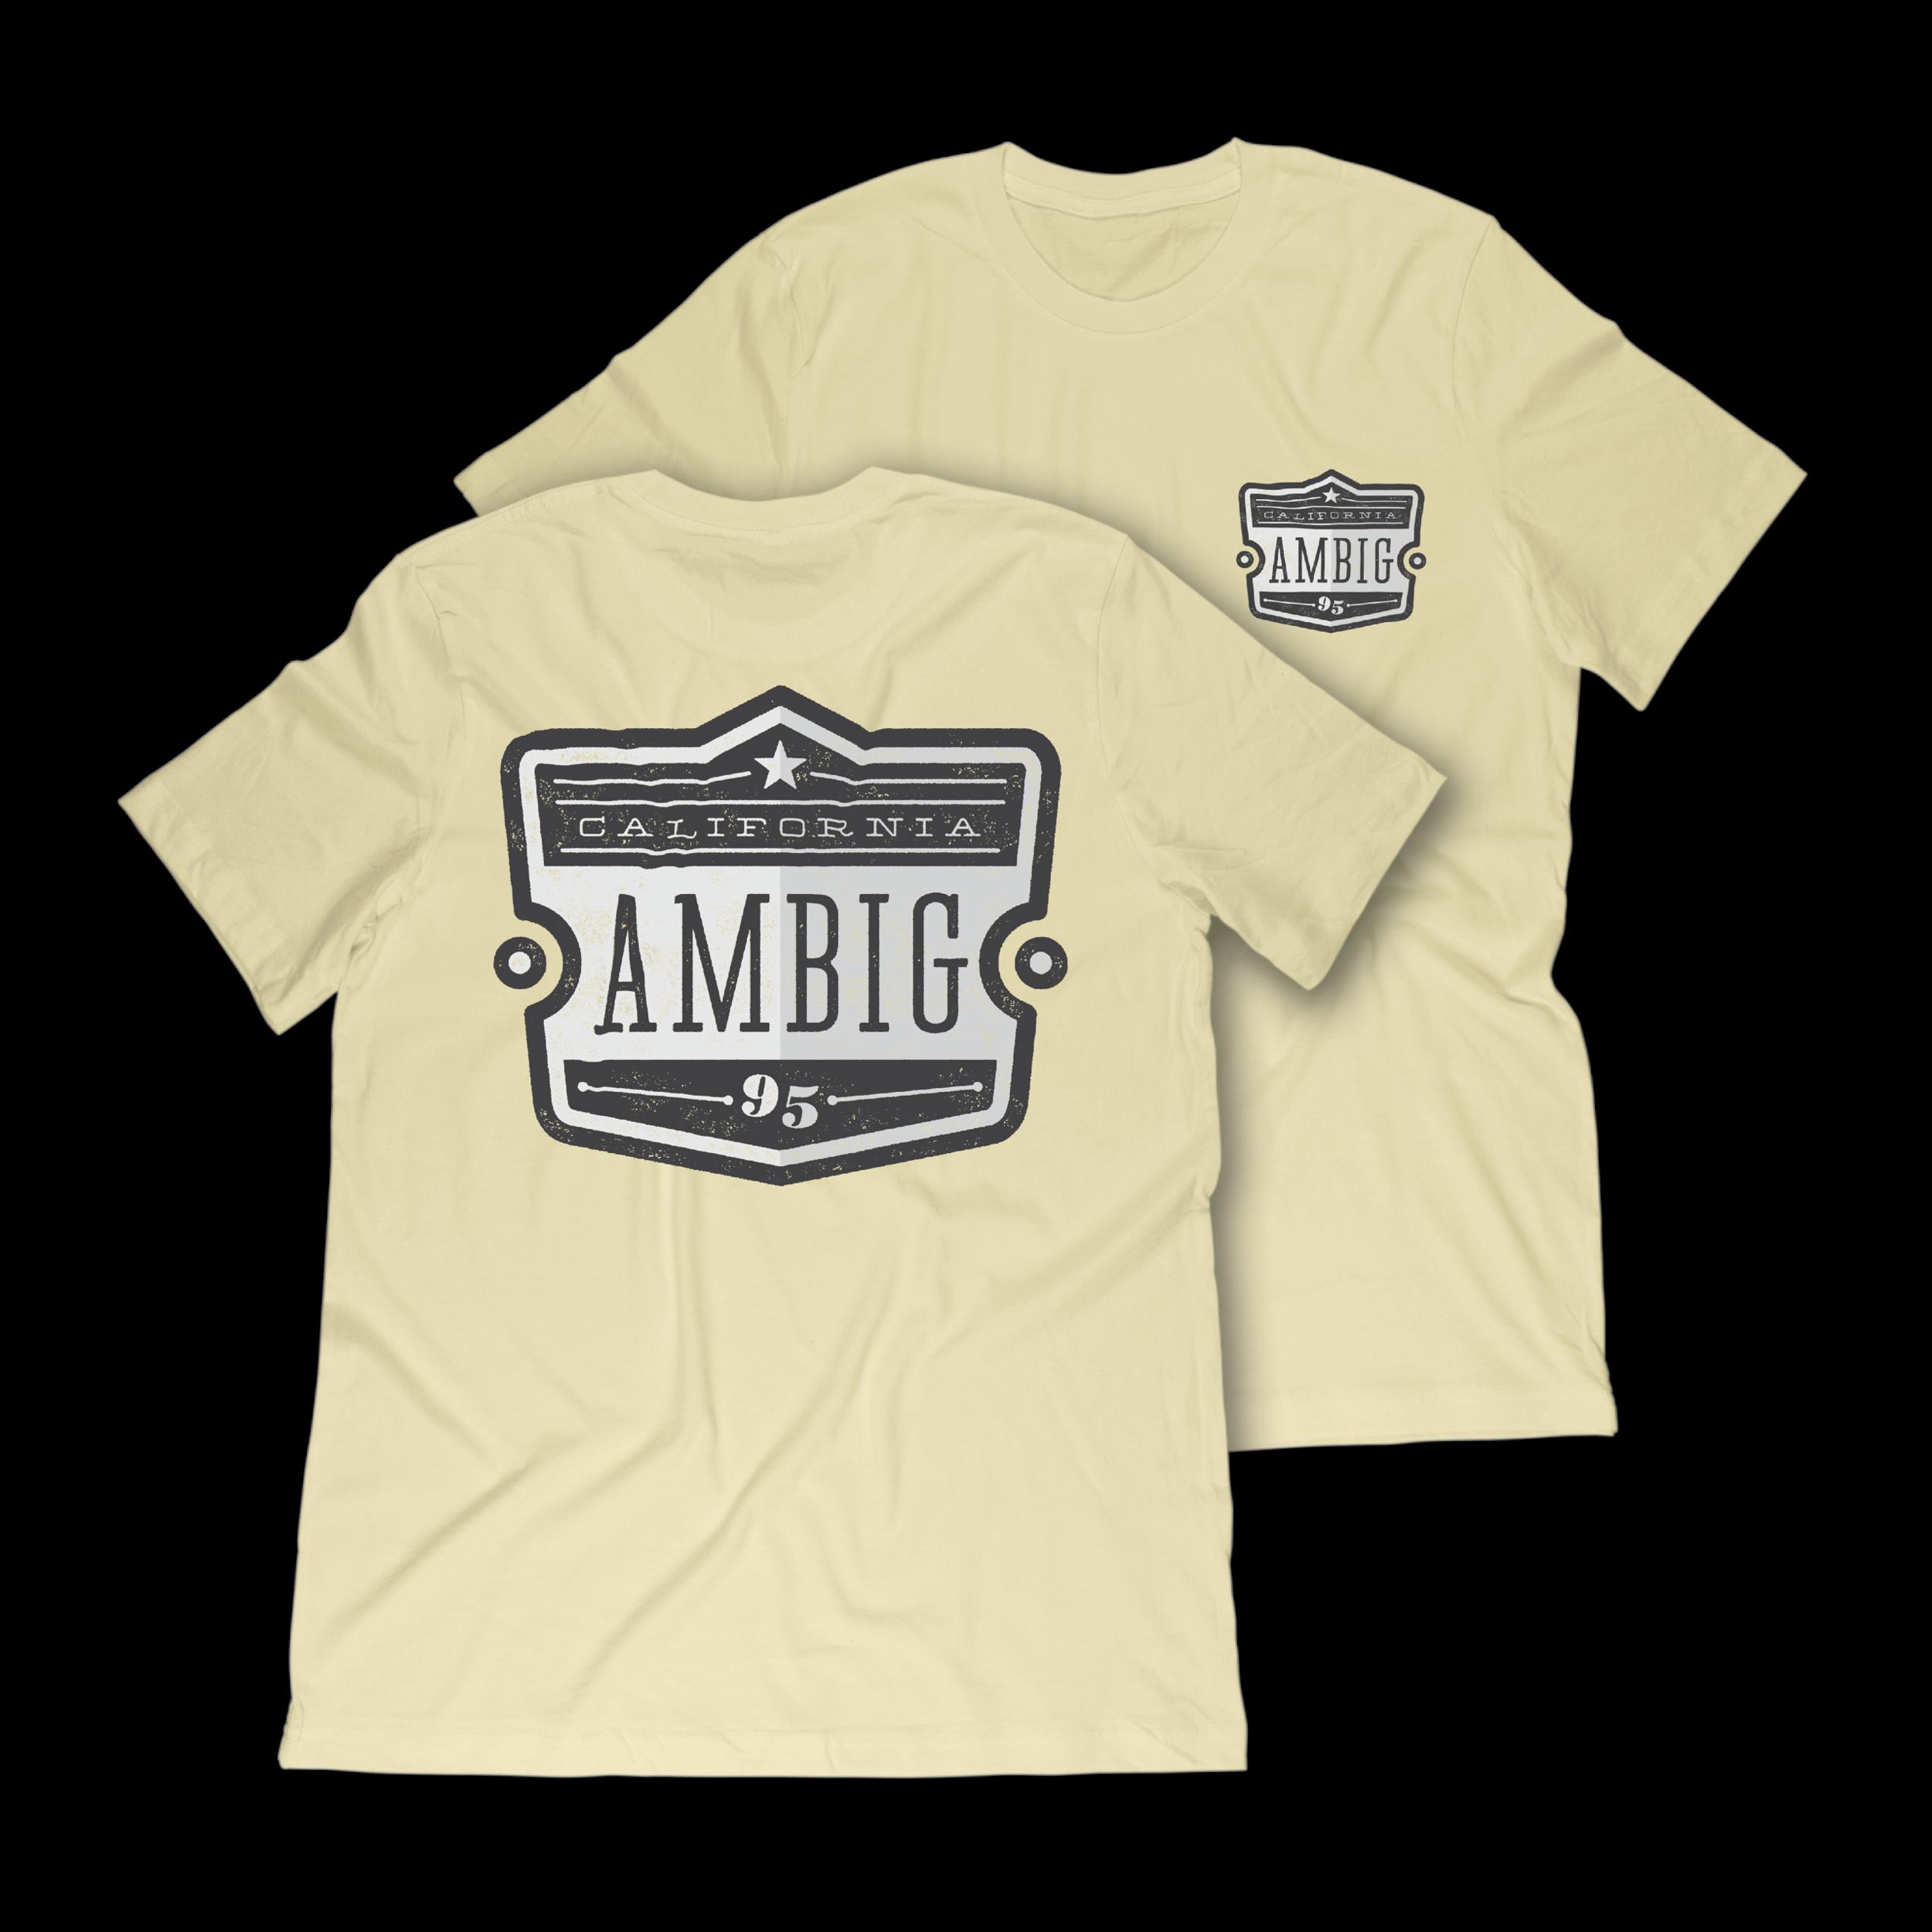 Ambig-MockUps-052619.png